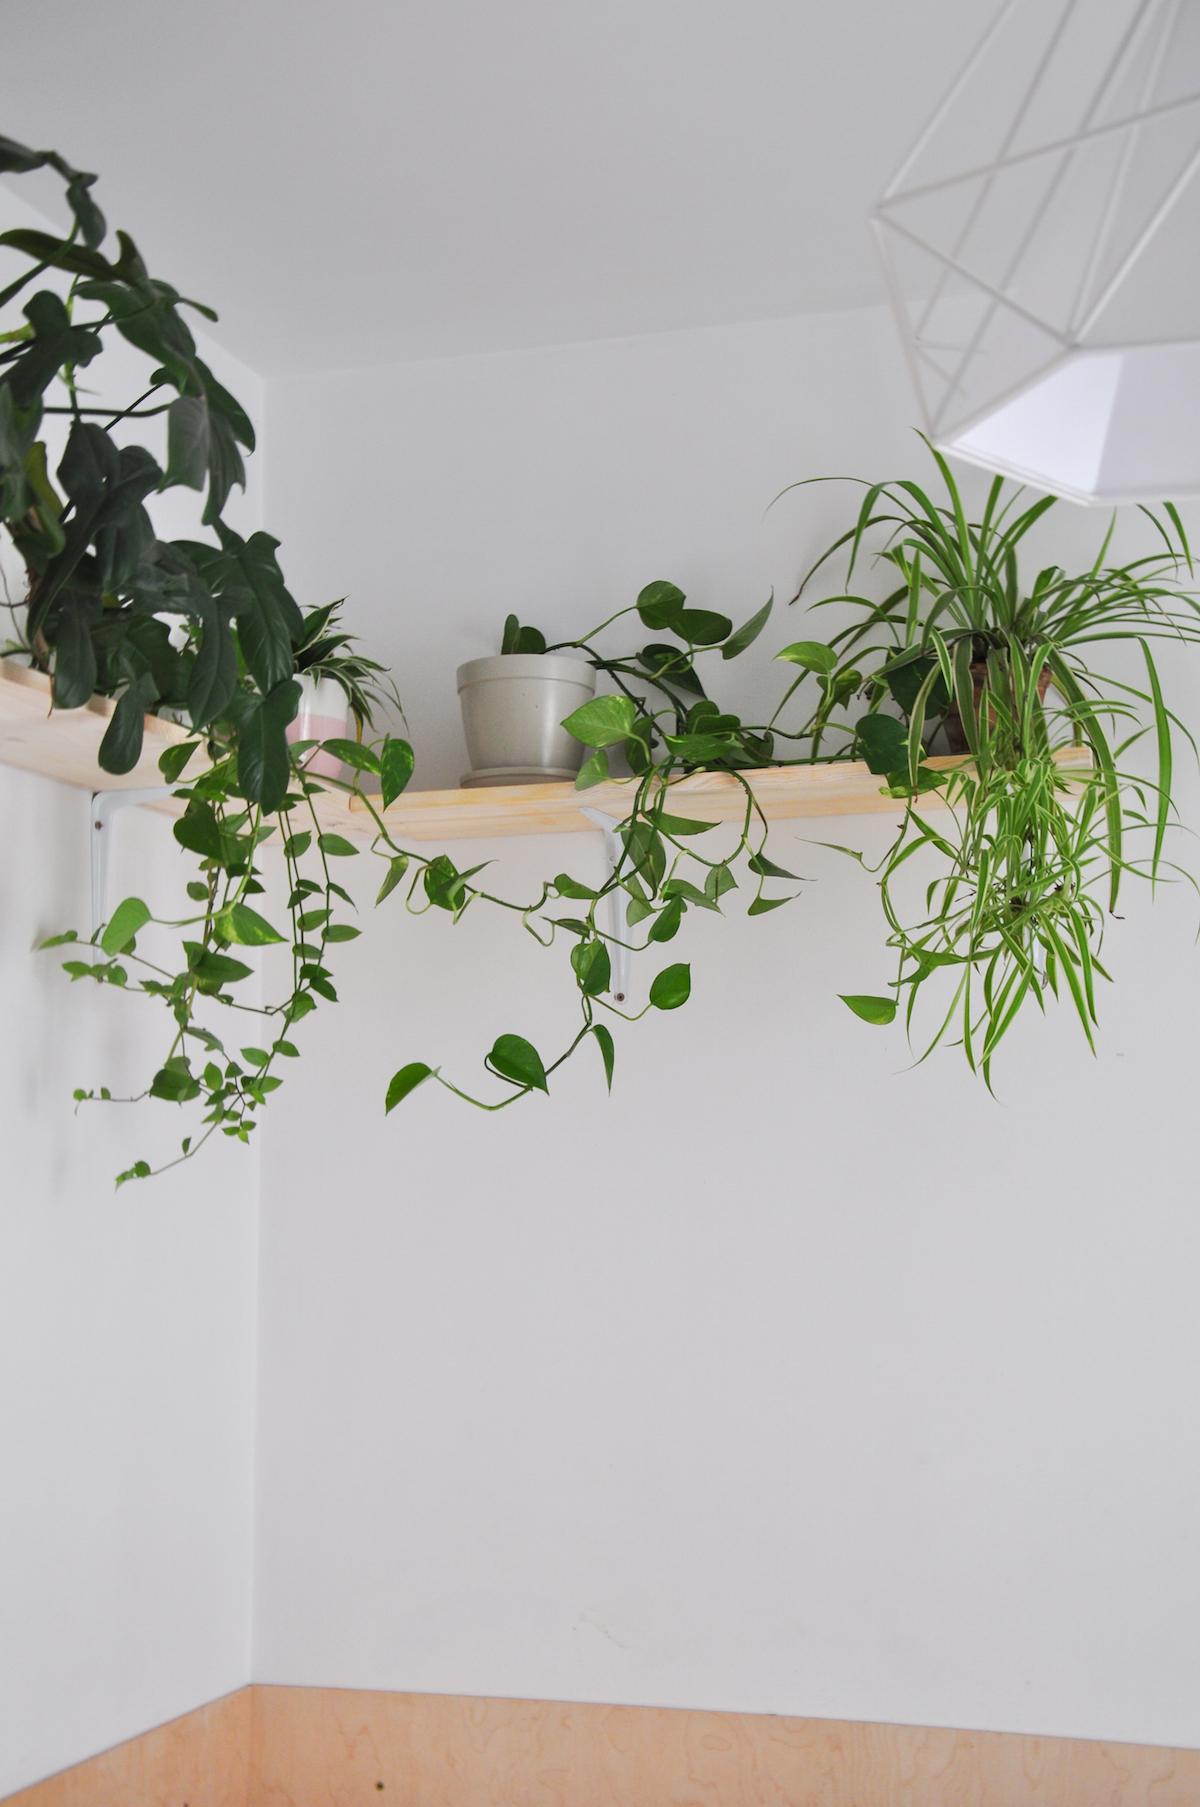 tikkurila_jak-eksponować-rośliny_10